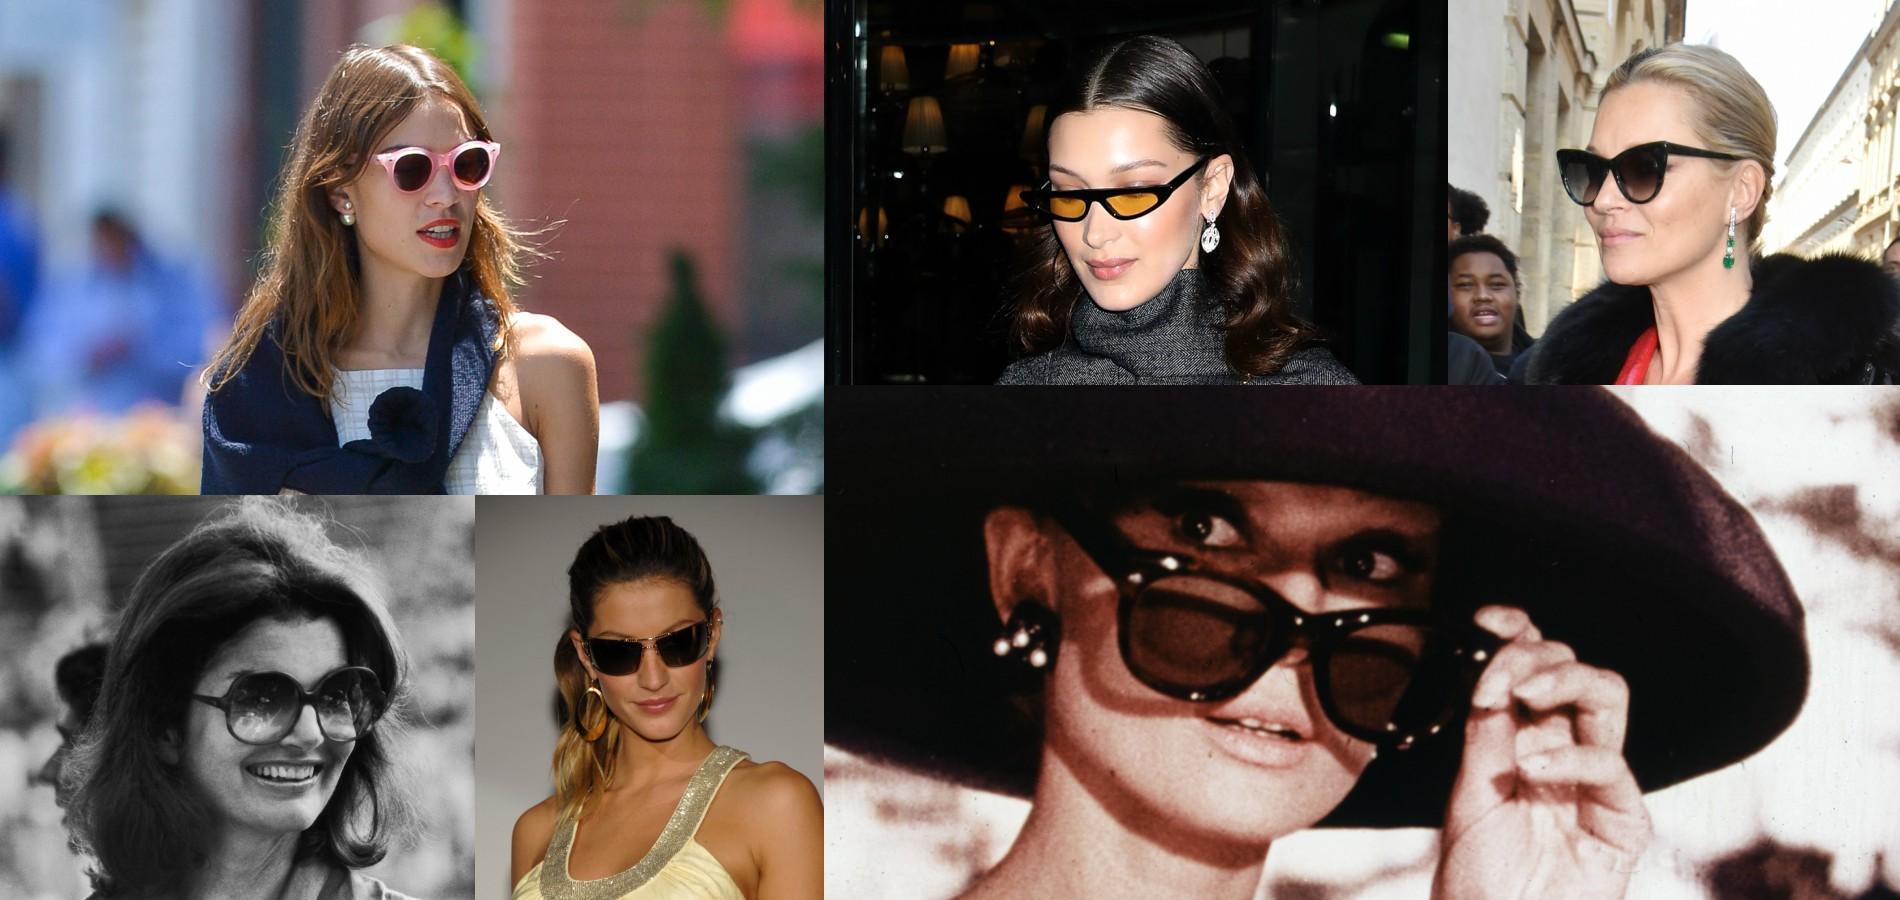 b68d6fb86a6352 Alexa Chung et ses lunettes rondes, Jacqueline Kennedy Onassis et ses  montures XXL, les sœurs Hadid et leurs modèles façon Matrix...  Lorsqu arrive le moment ...